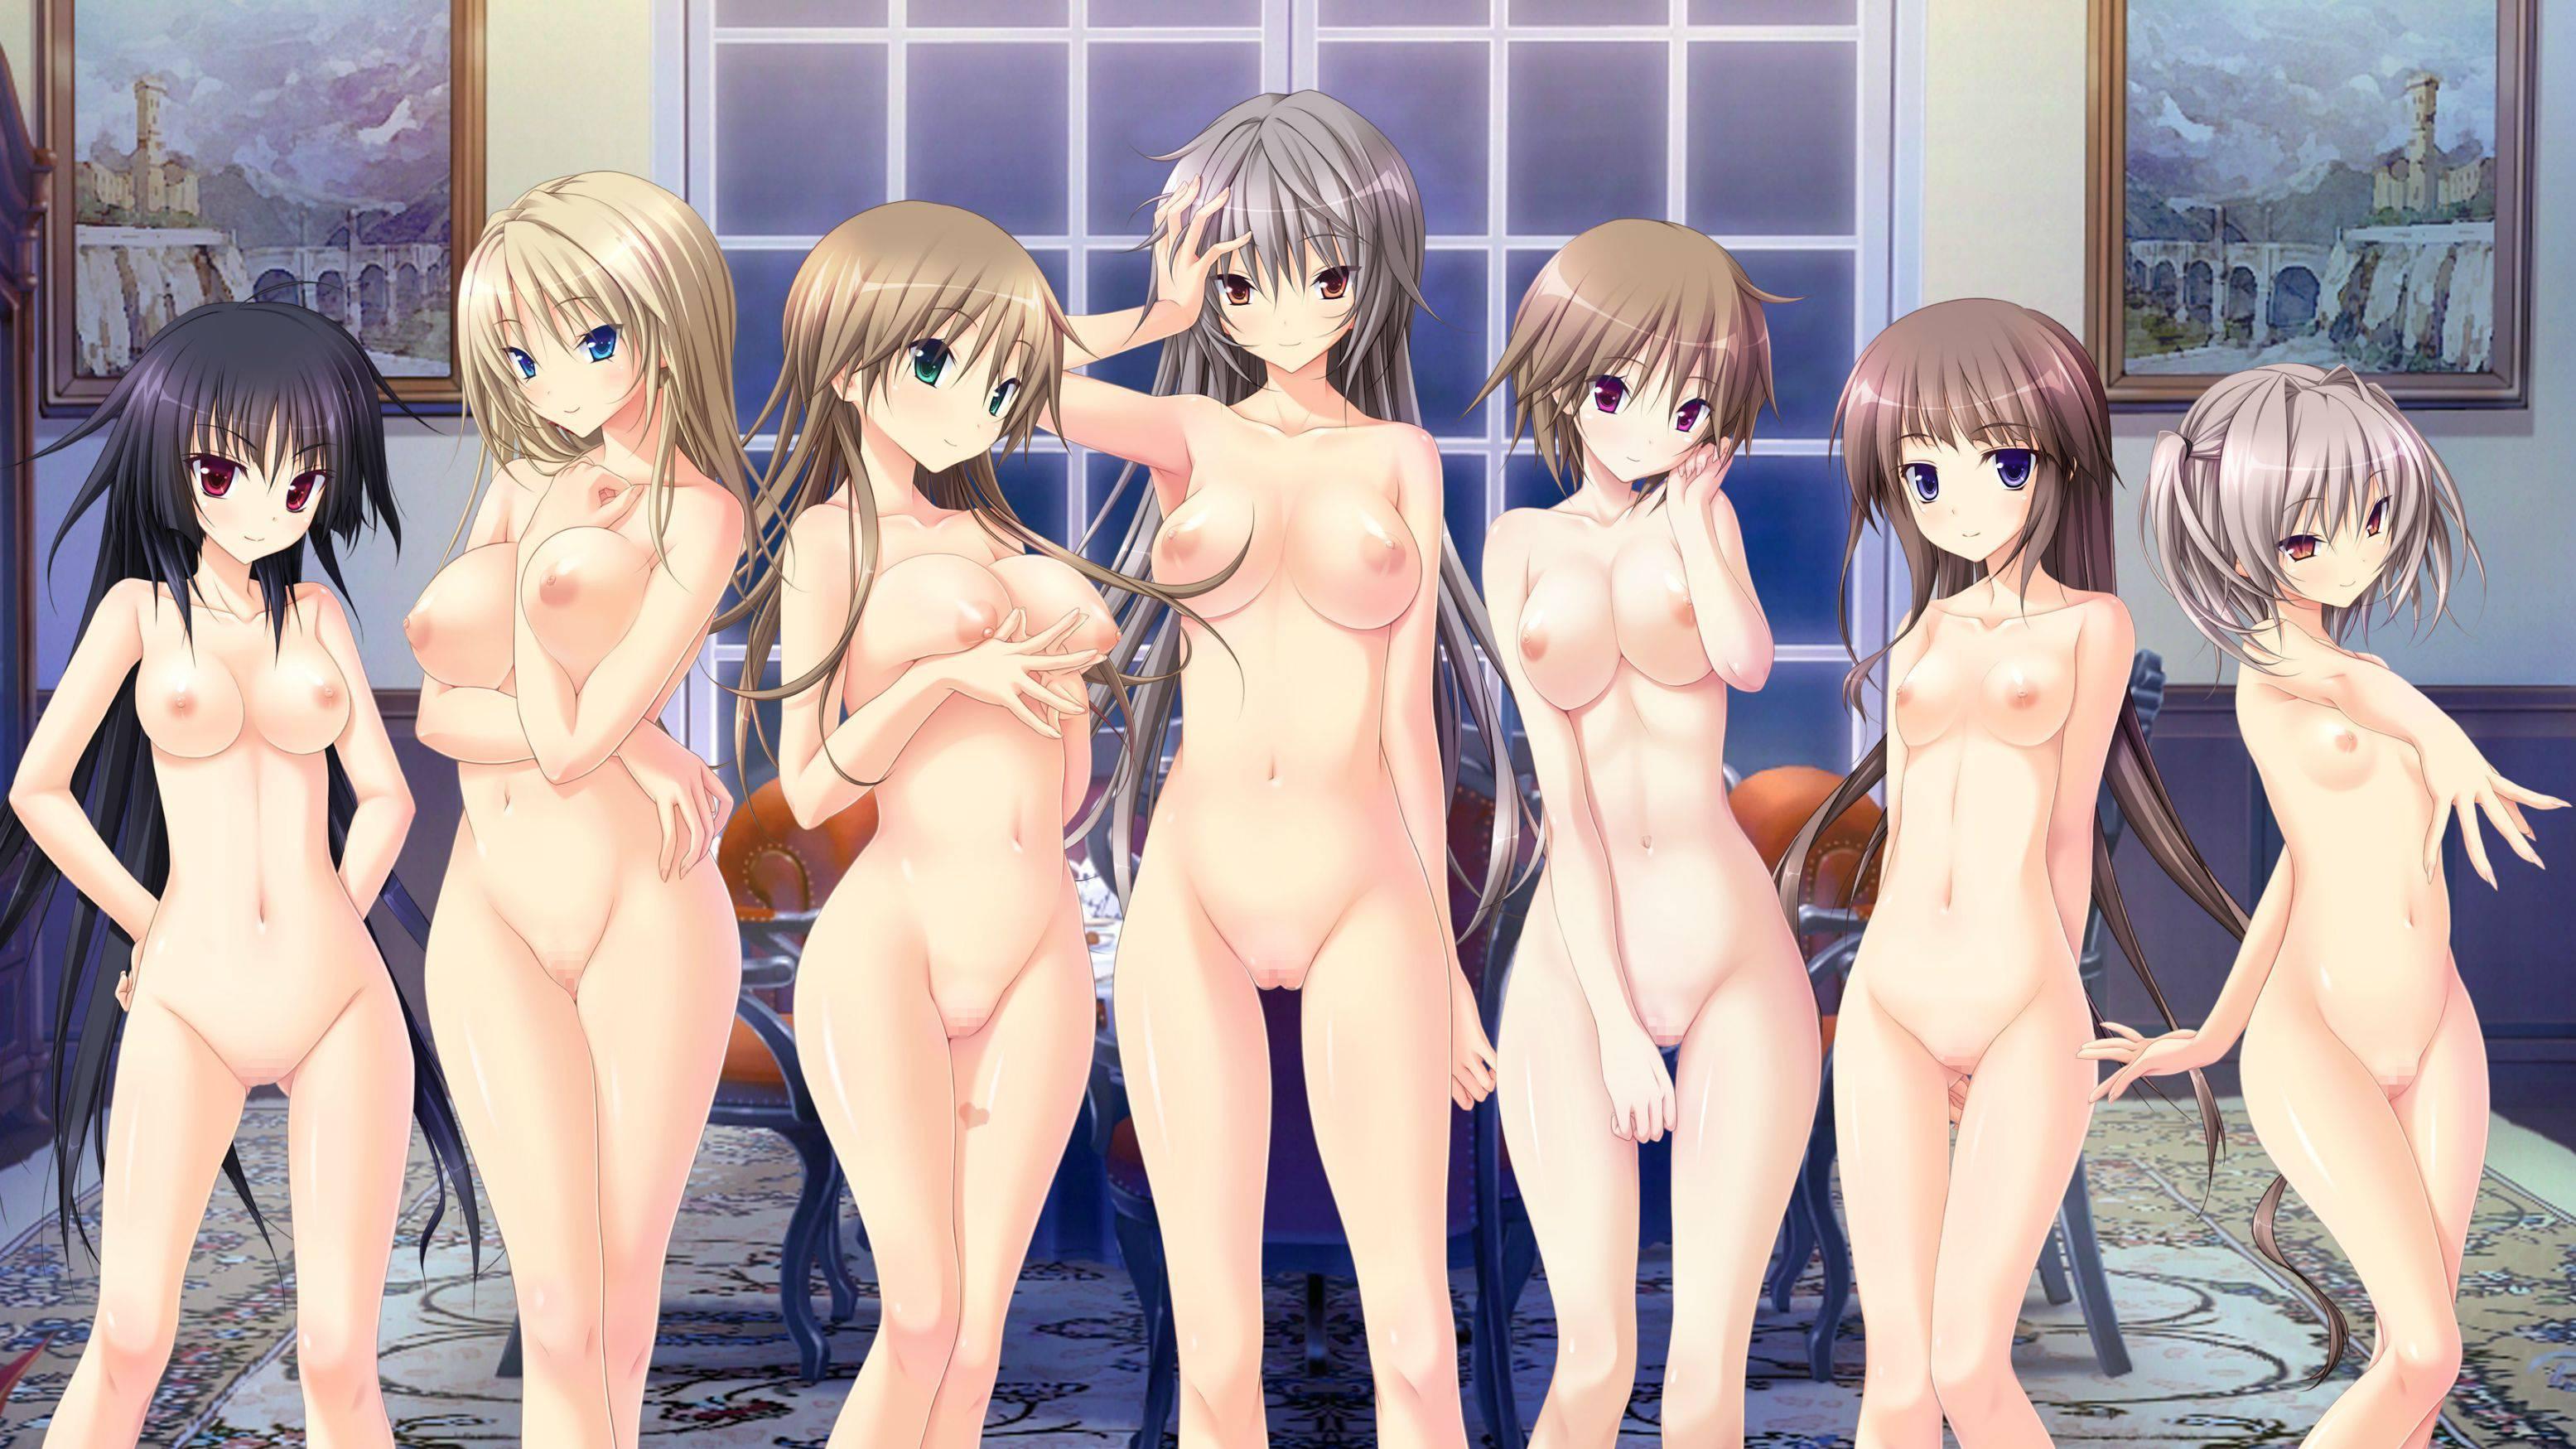 【どれにしようかな?】女の子達が全裸で立ってる二次エロ画像【39】